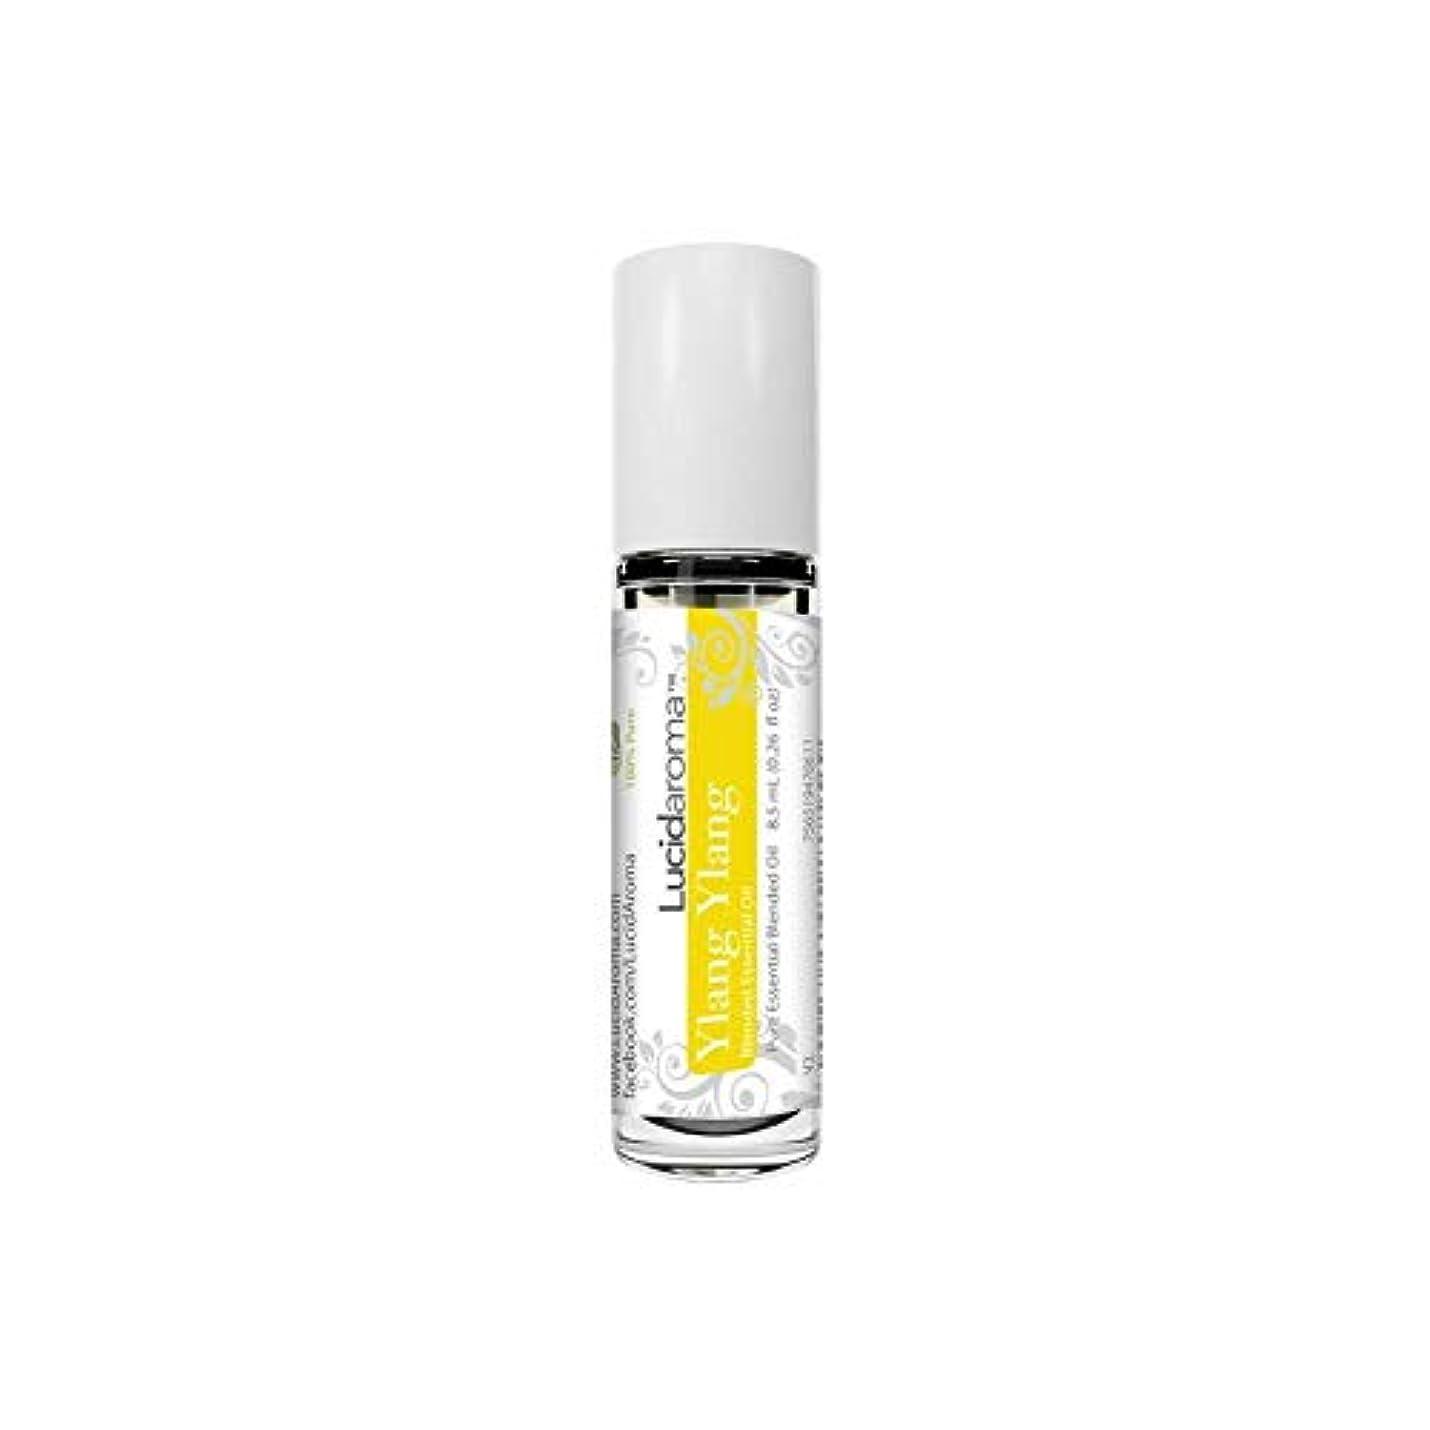 宝石配偶者リマークLucid Aroma Ylang Ylang イランイラン ロールオン アロマオイル 8.5mL (塗るアロマ) 100%天然 携帯便利 ラックス アメリカ製